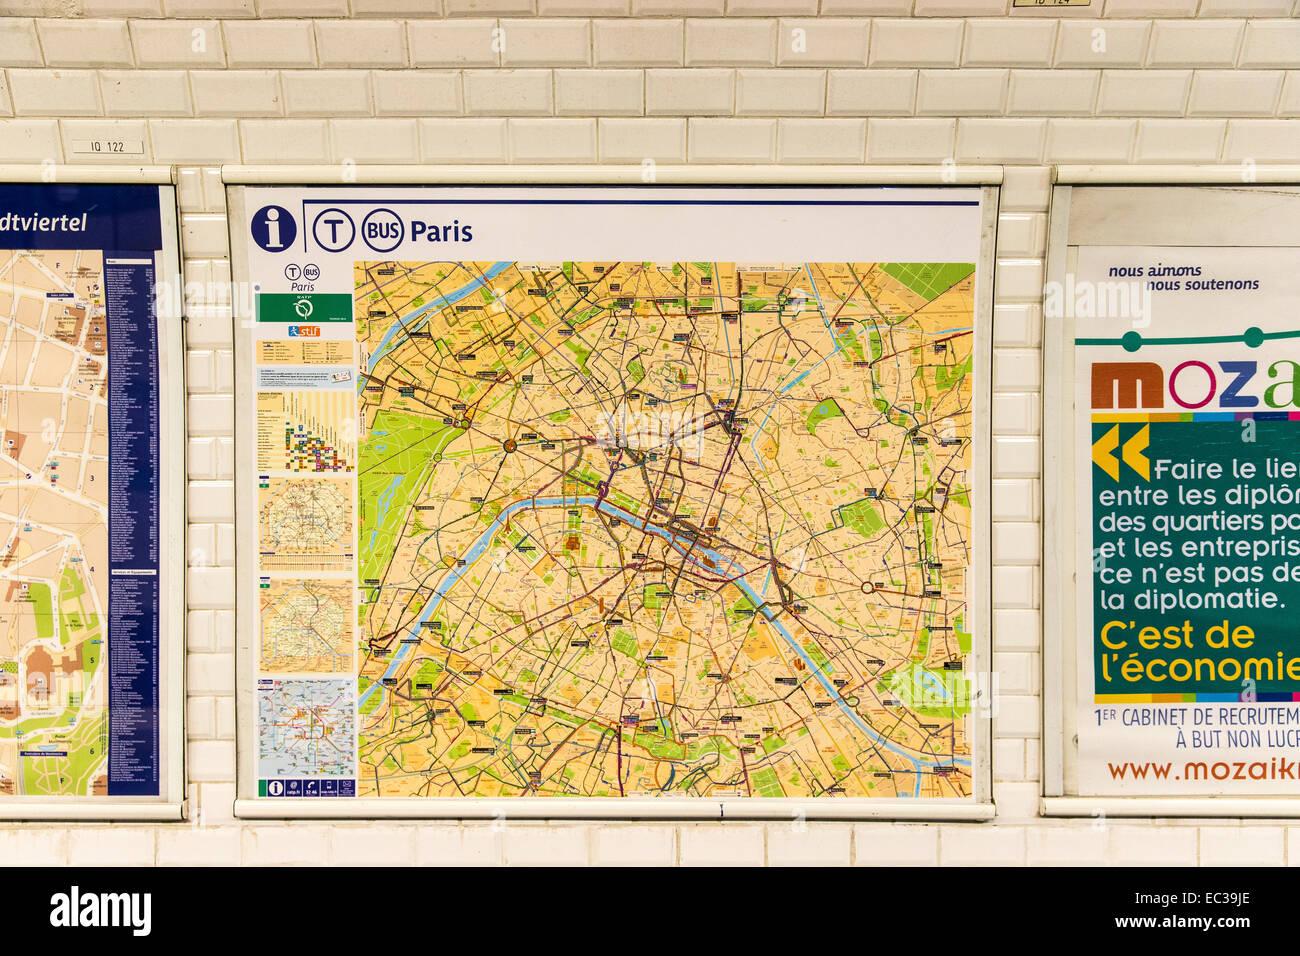 bus train transport map paris france